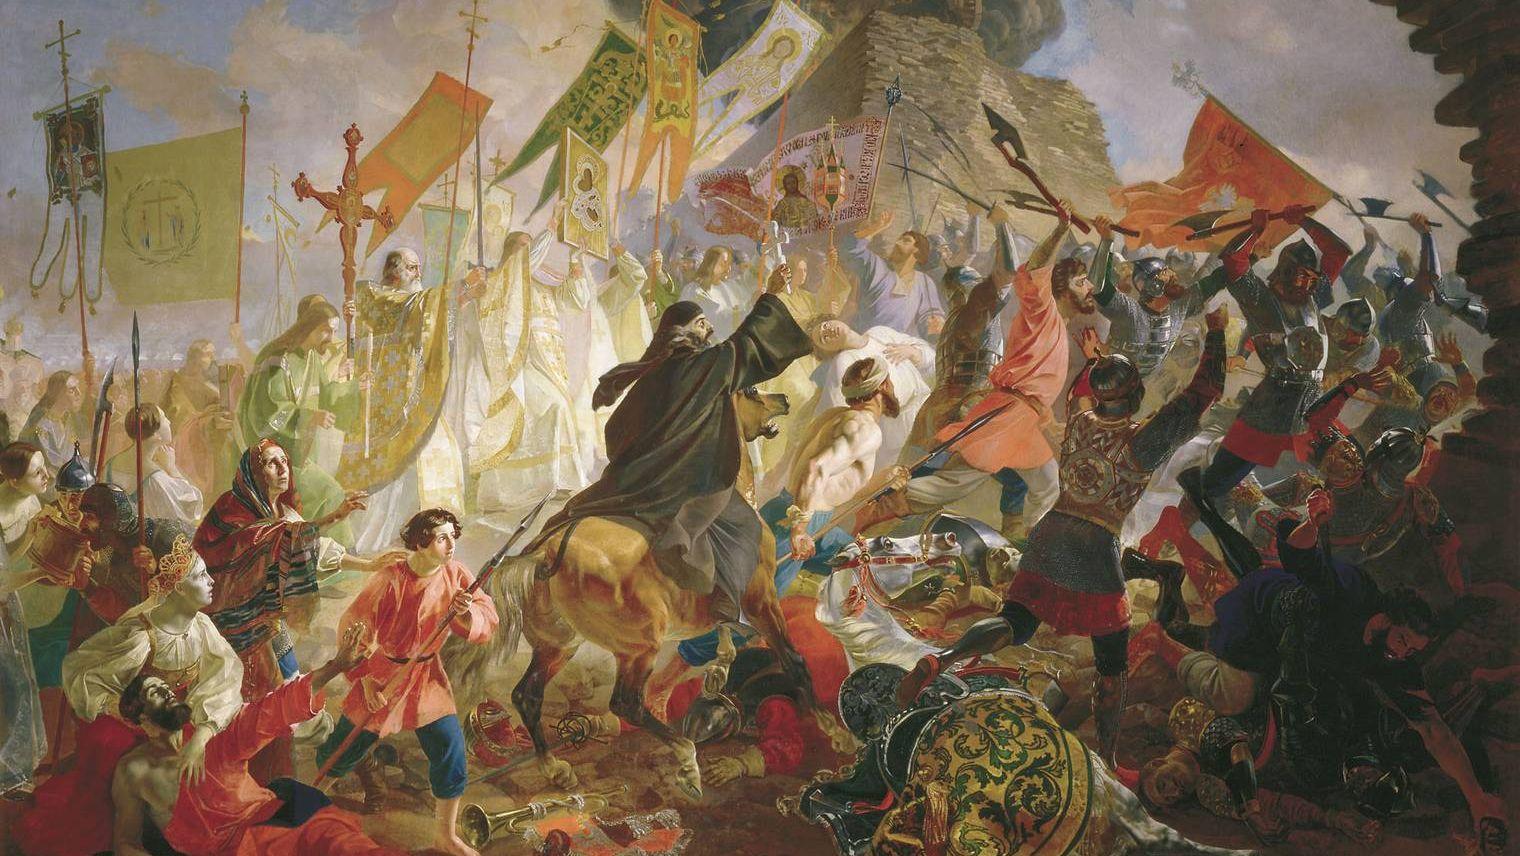 Брюллов Карл. Осада Пскова польским королём Стефаном Баторием в 1581 году. 1843